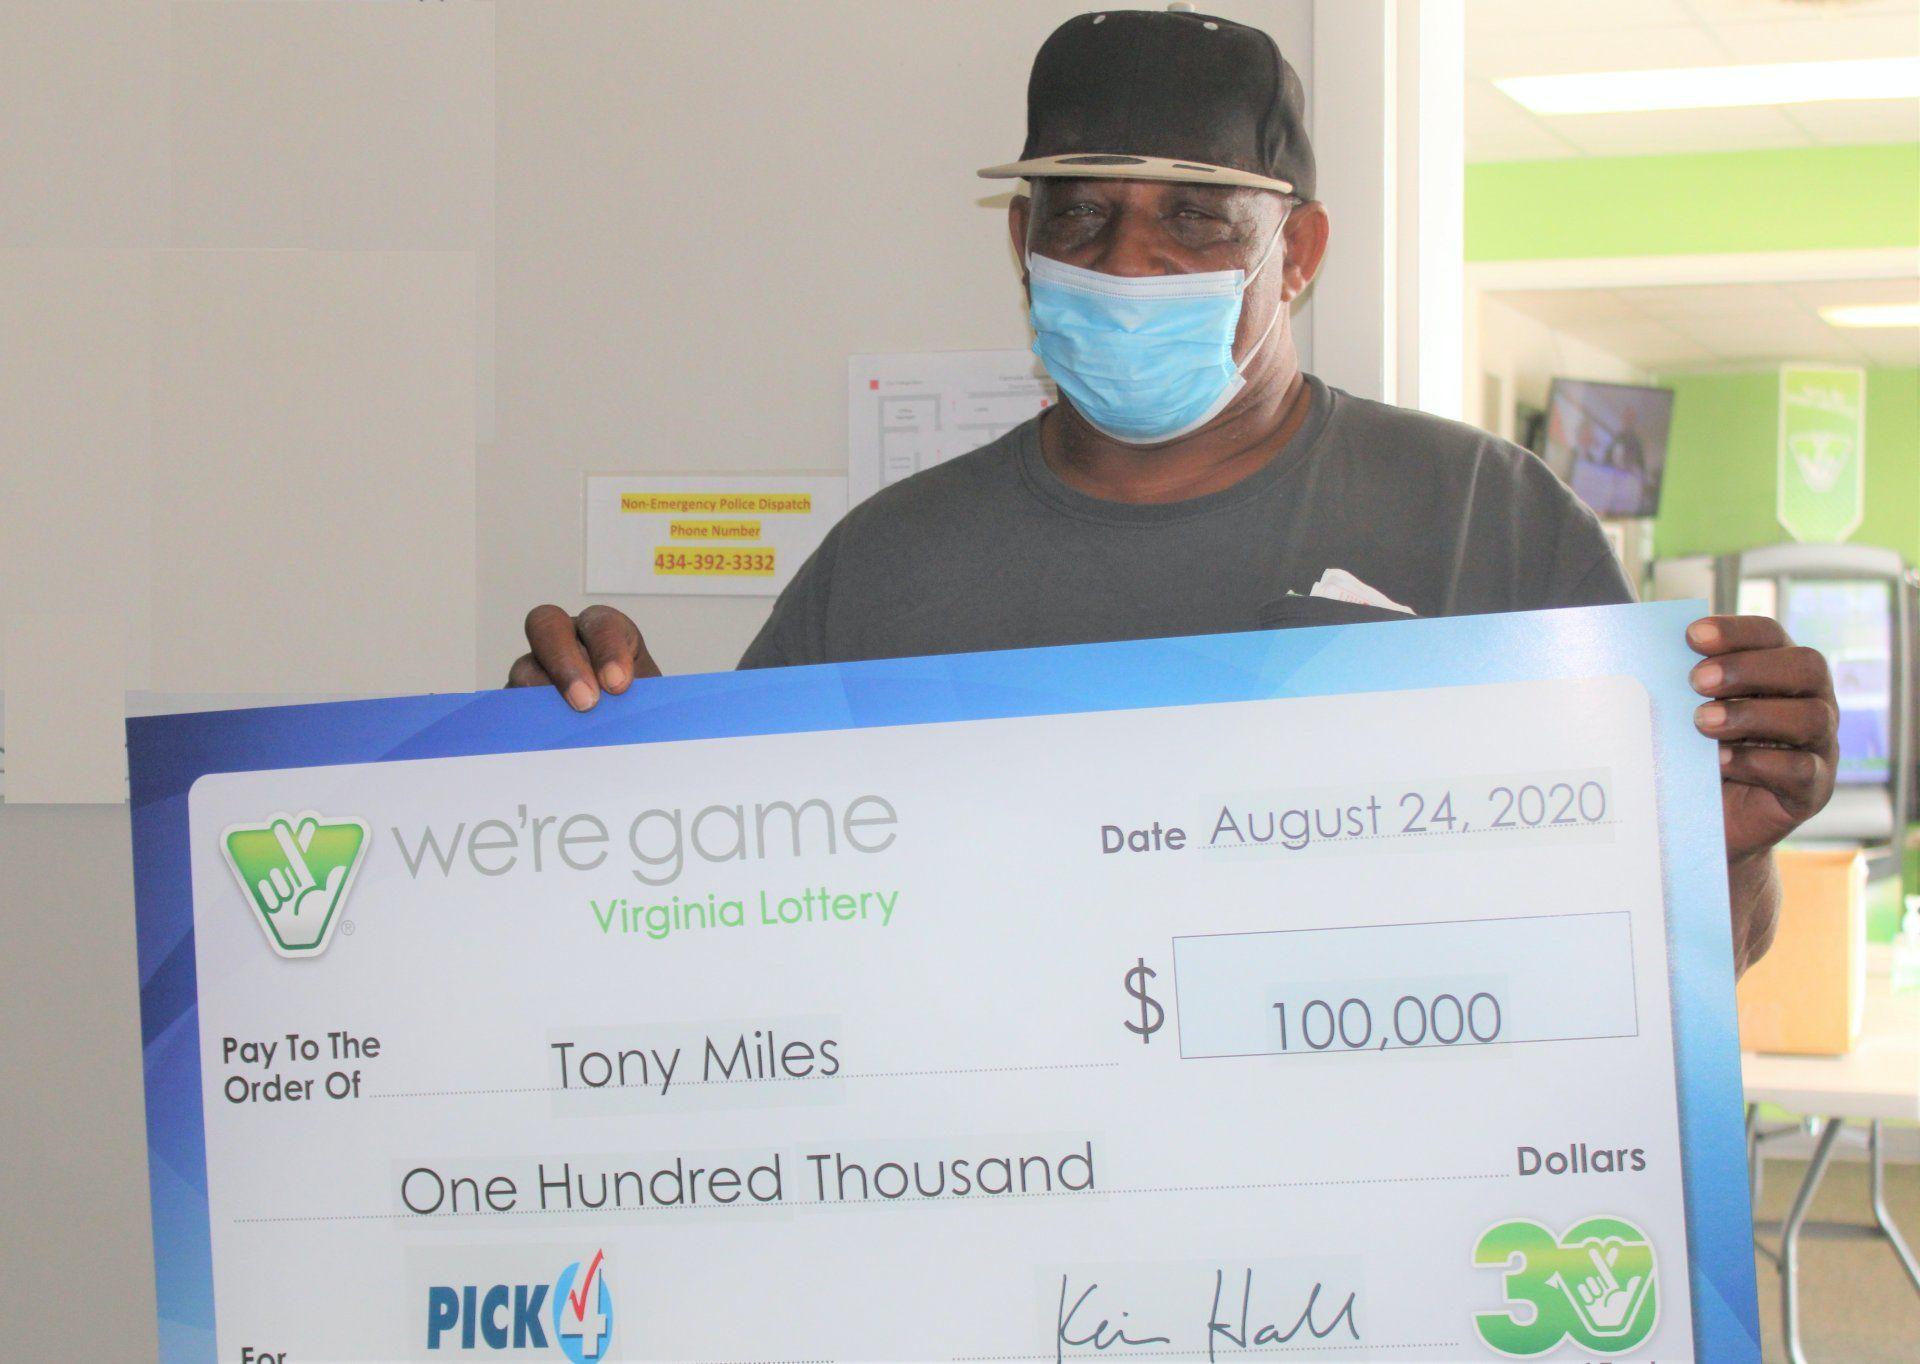 Tony Miles lottónyertes